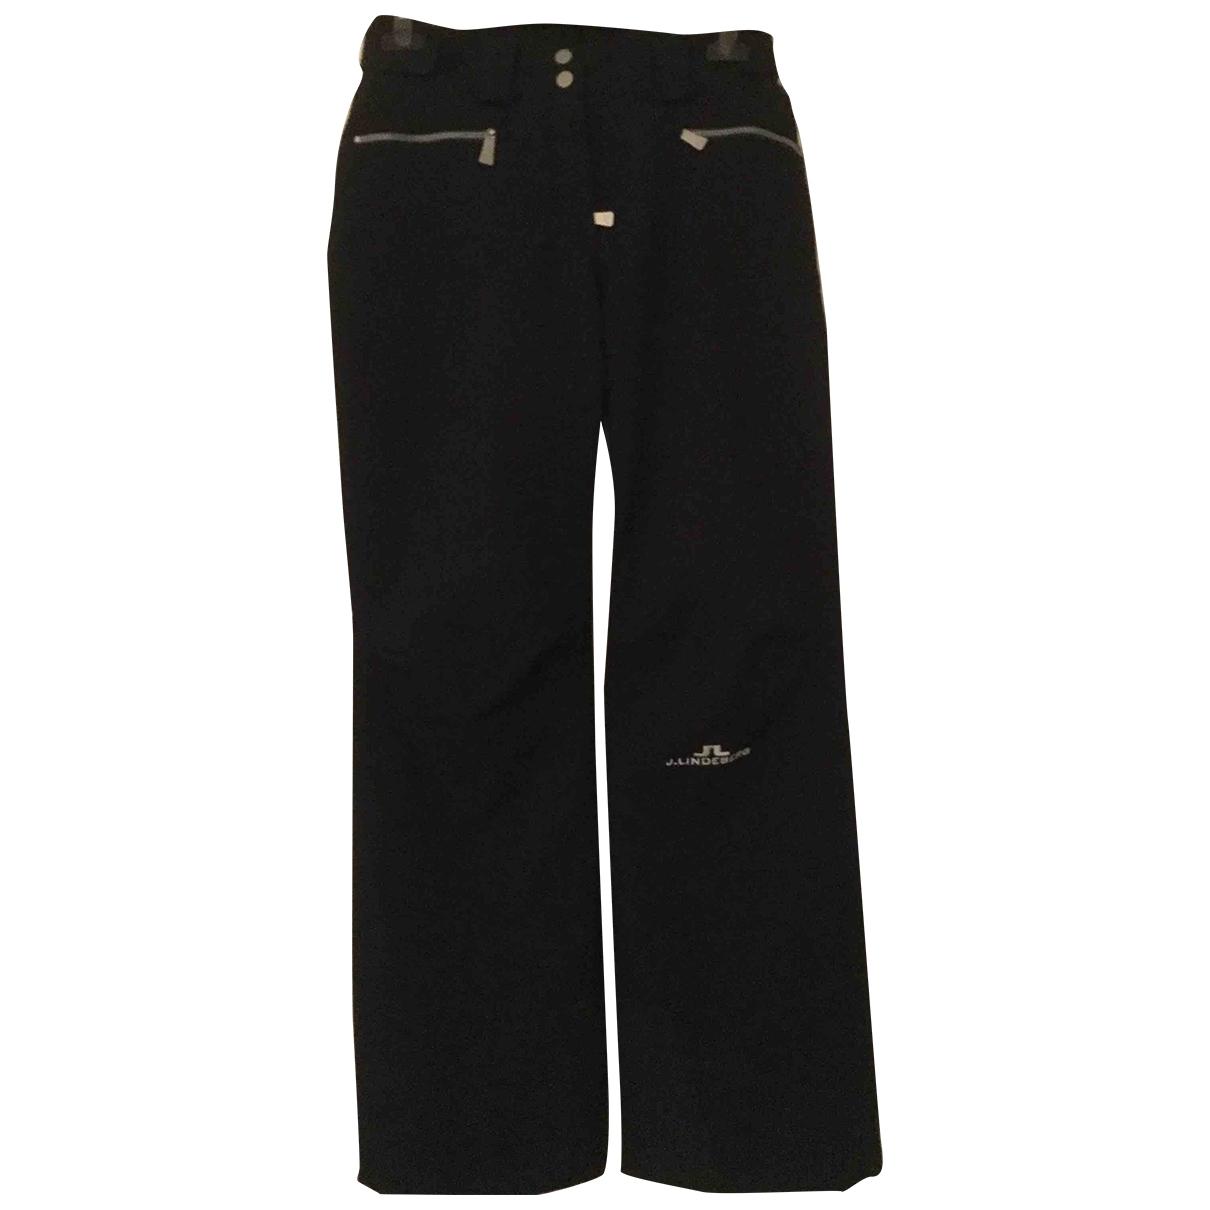 Pantalon en Poliester Azul J.lindeberg